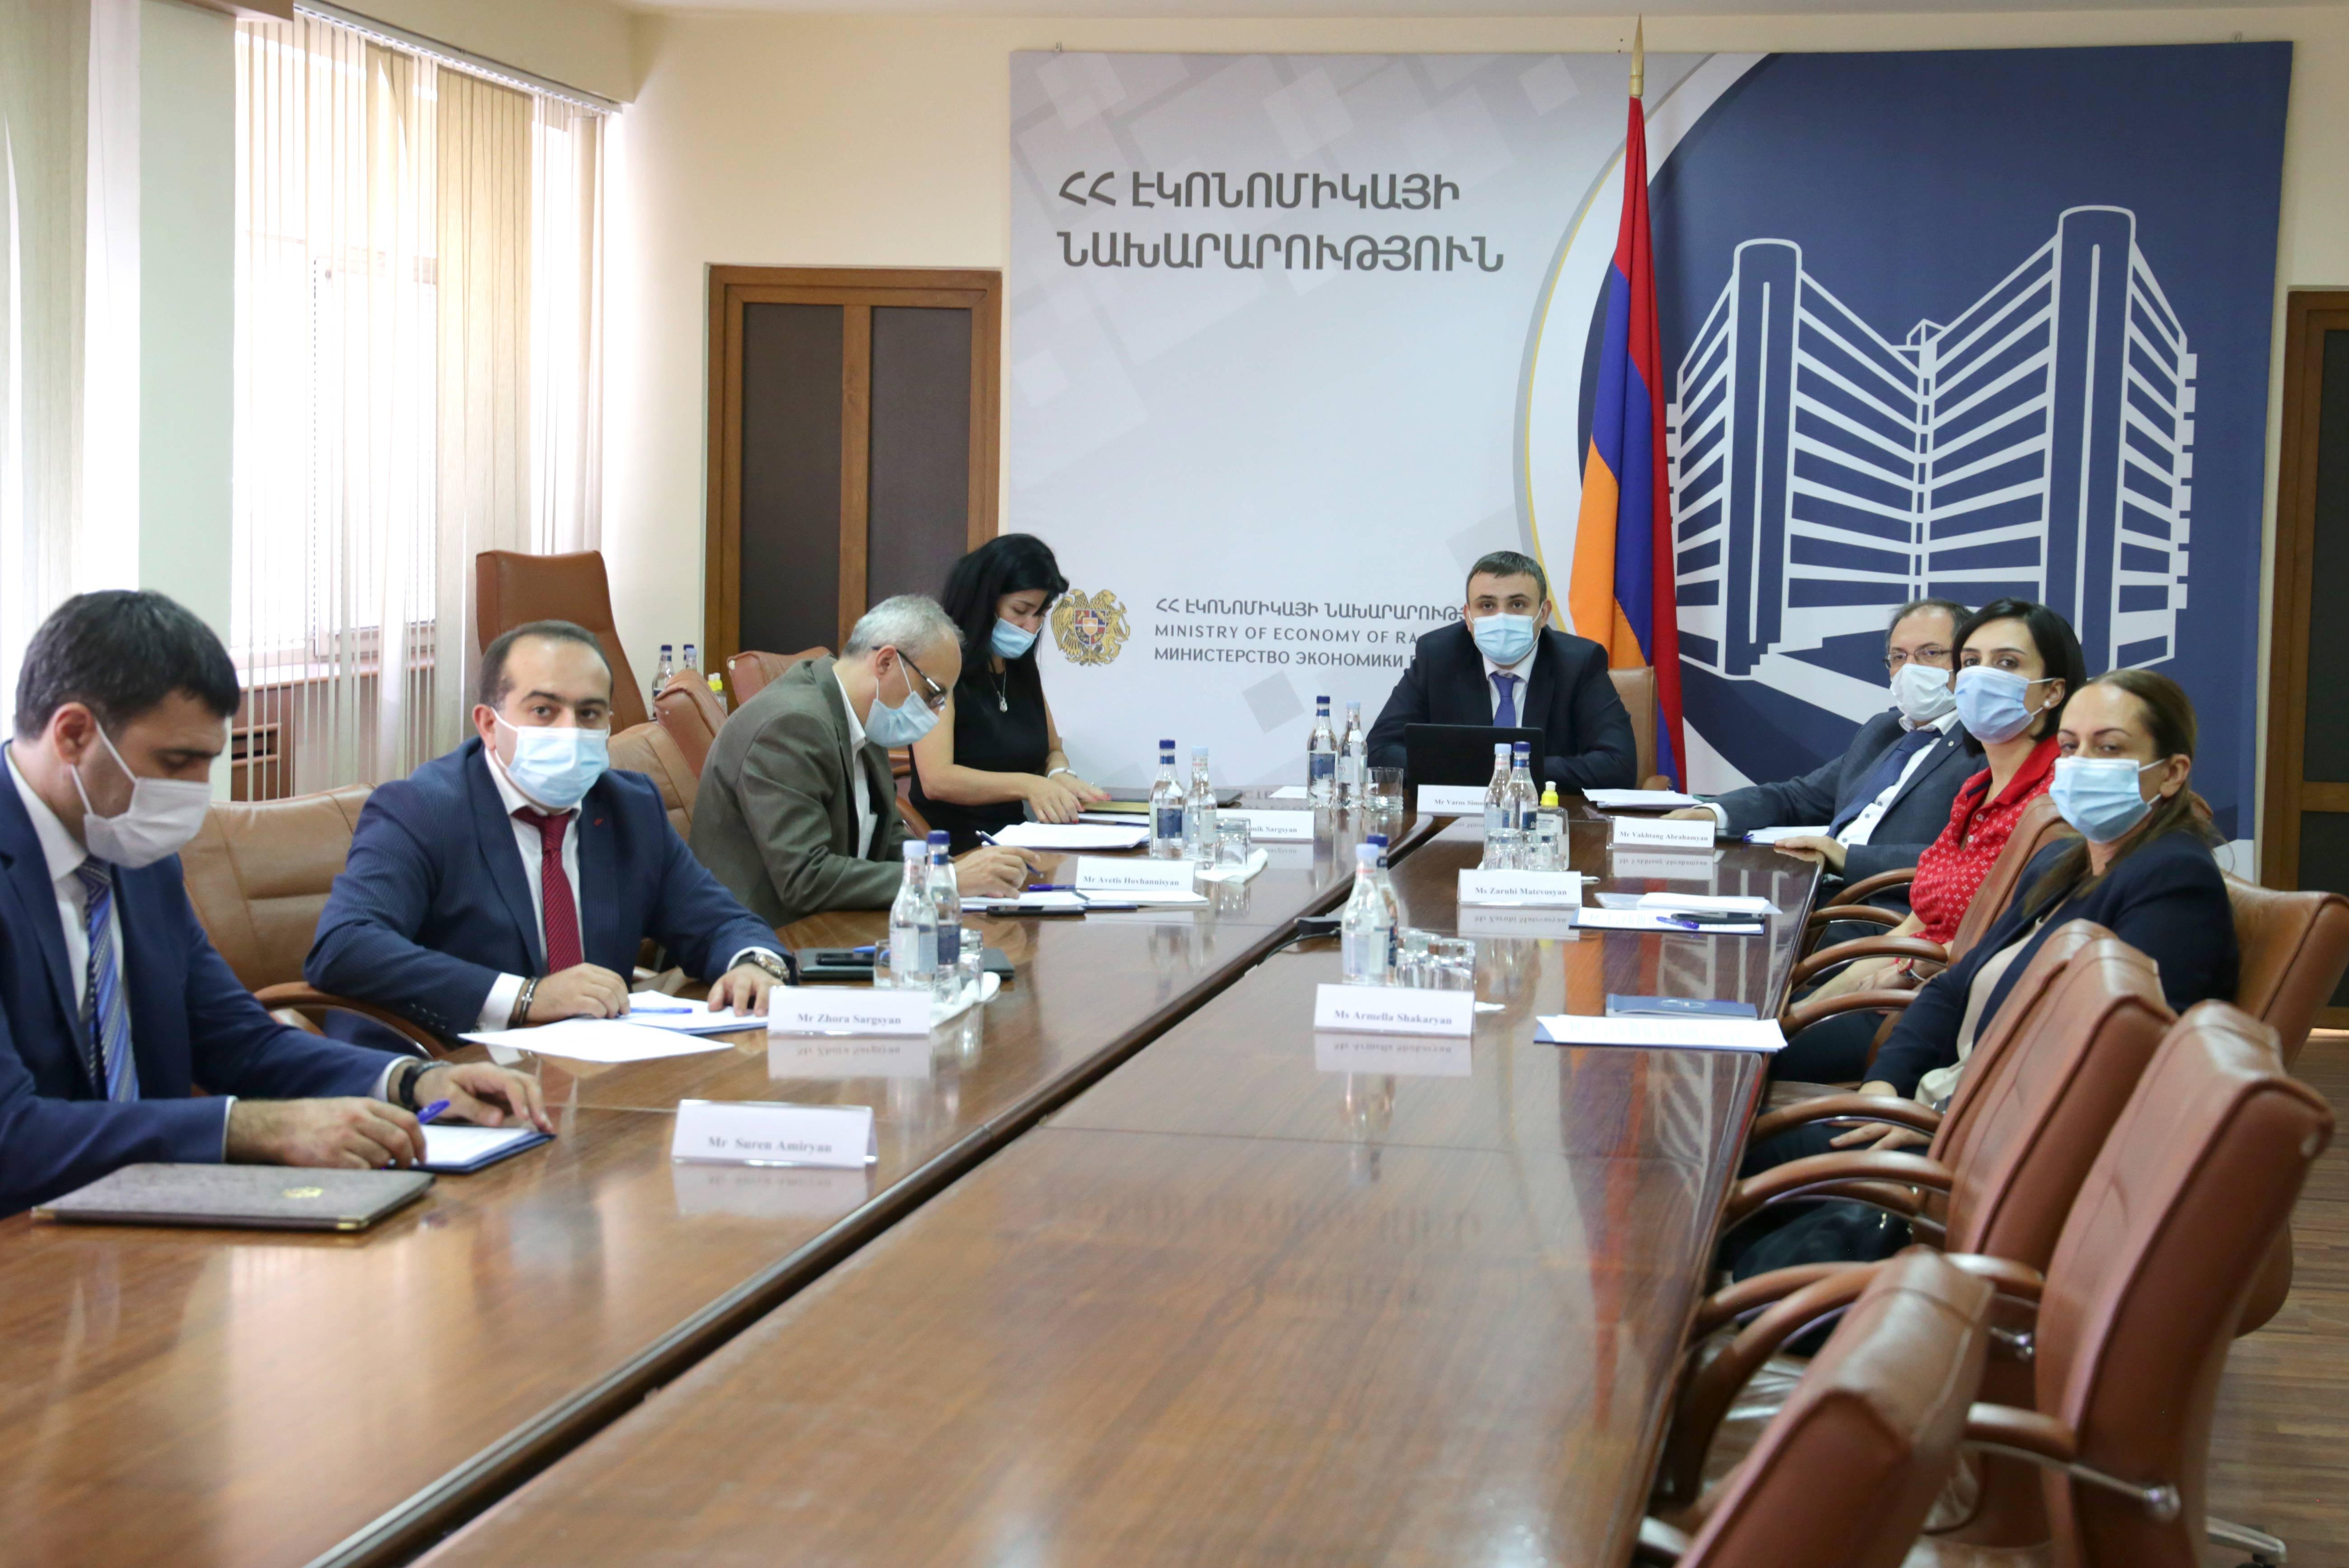 Կայացել է Հայաստան-ԱՄՆ առևտրի և ներդրումների հարցերով խորհրդի երրորդ նիստը